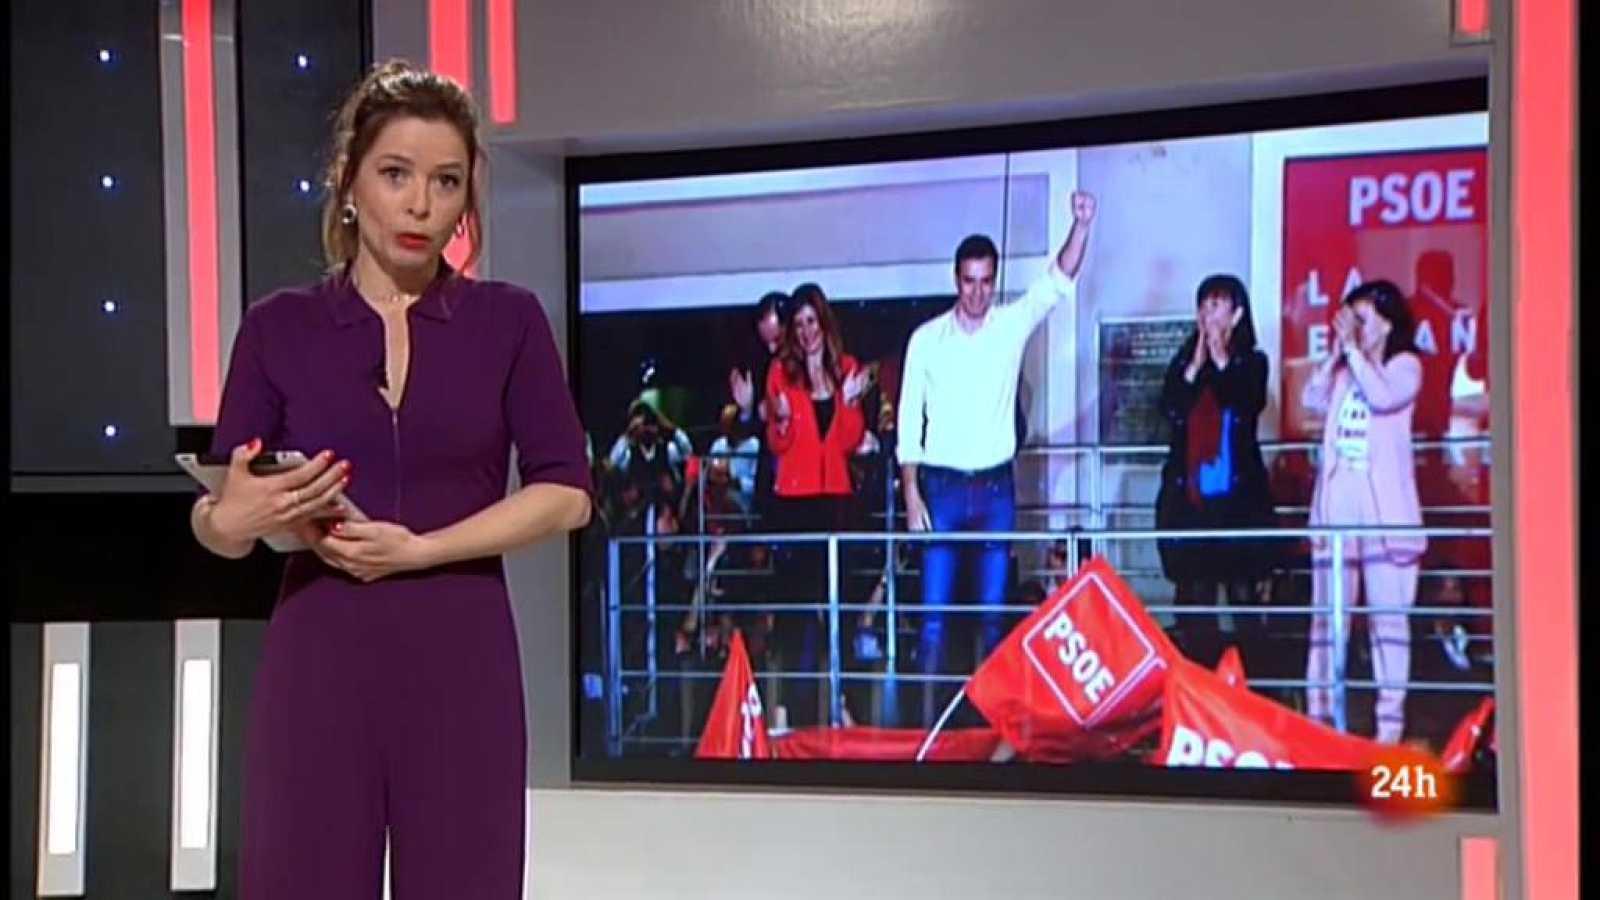 Vídeo Vespre 24 anàlisi de l'actualitat informativa amb la Marta Sugranyes